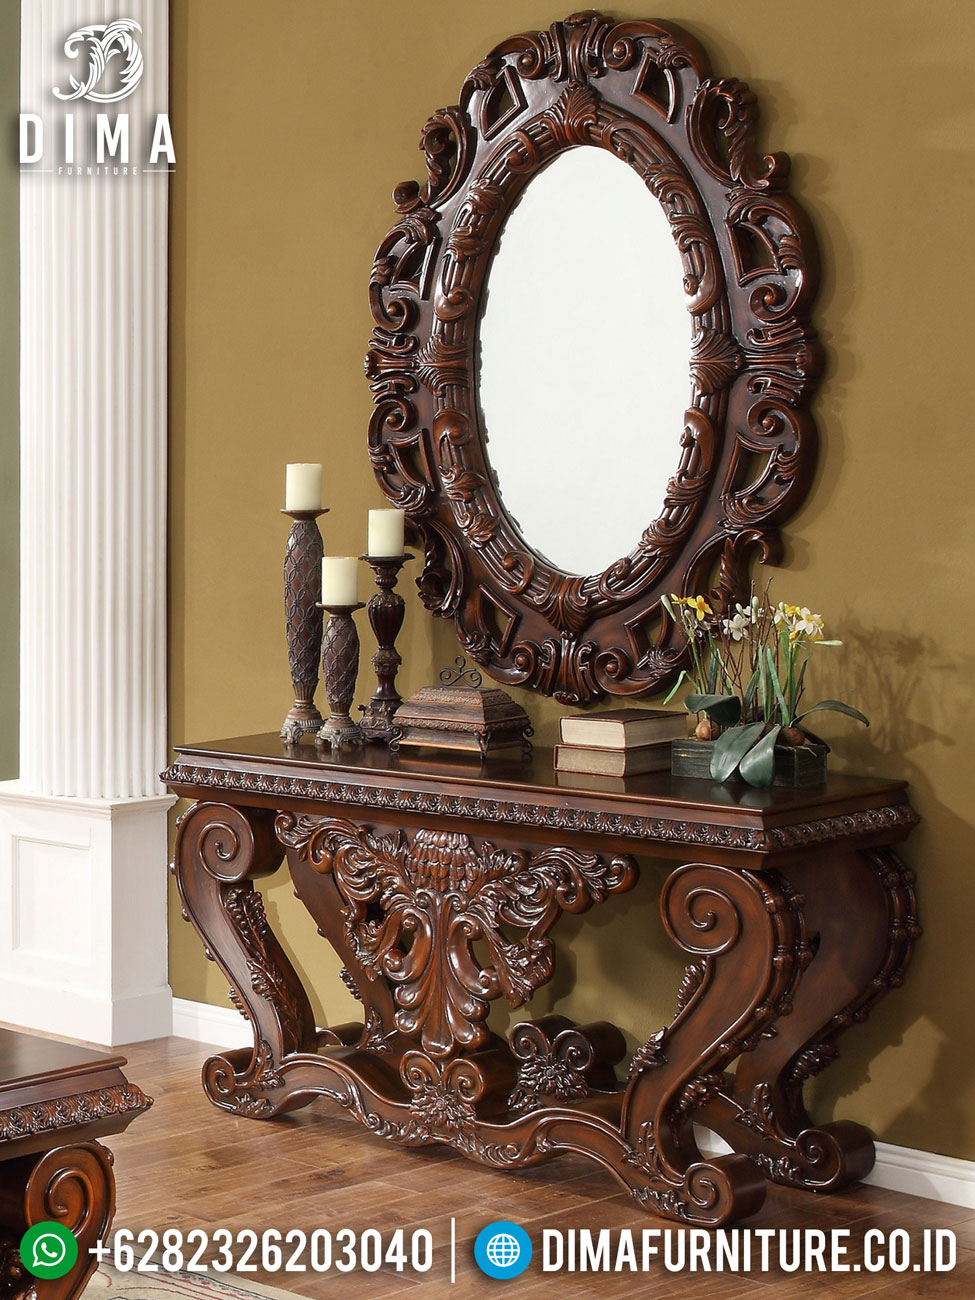 Meja Konsol Jati Jepara, Meja Konsul Mewah Terbaru, Cermin Hias Ruang Tamu ST-0495